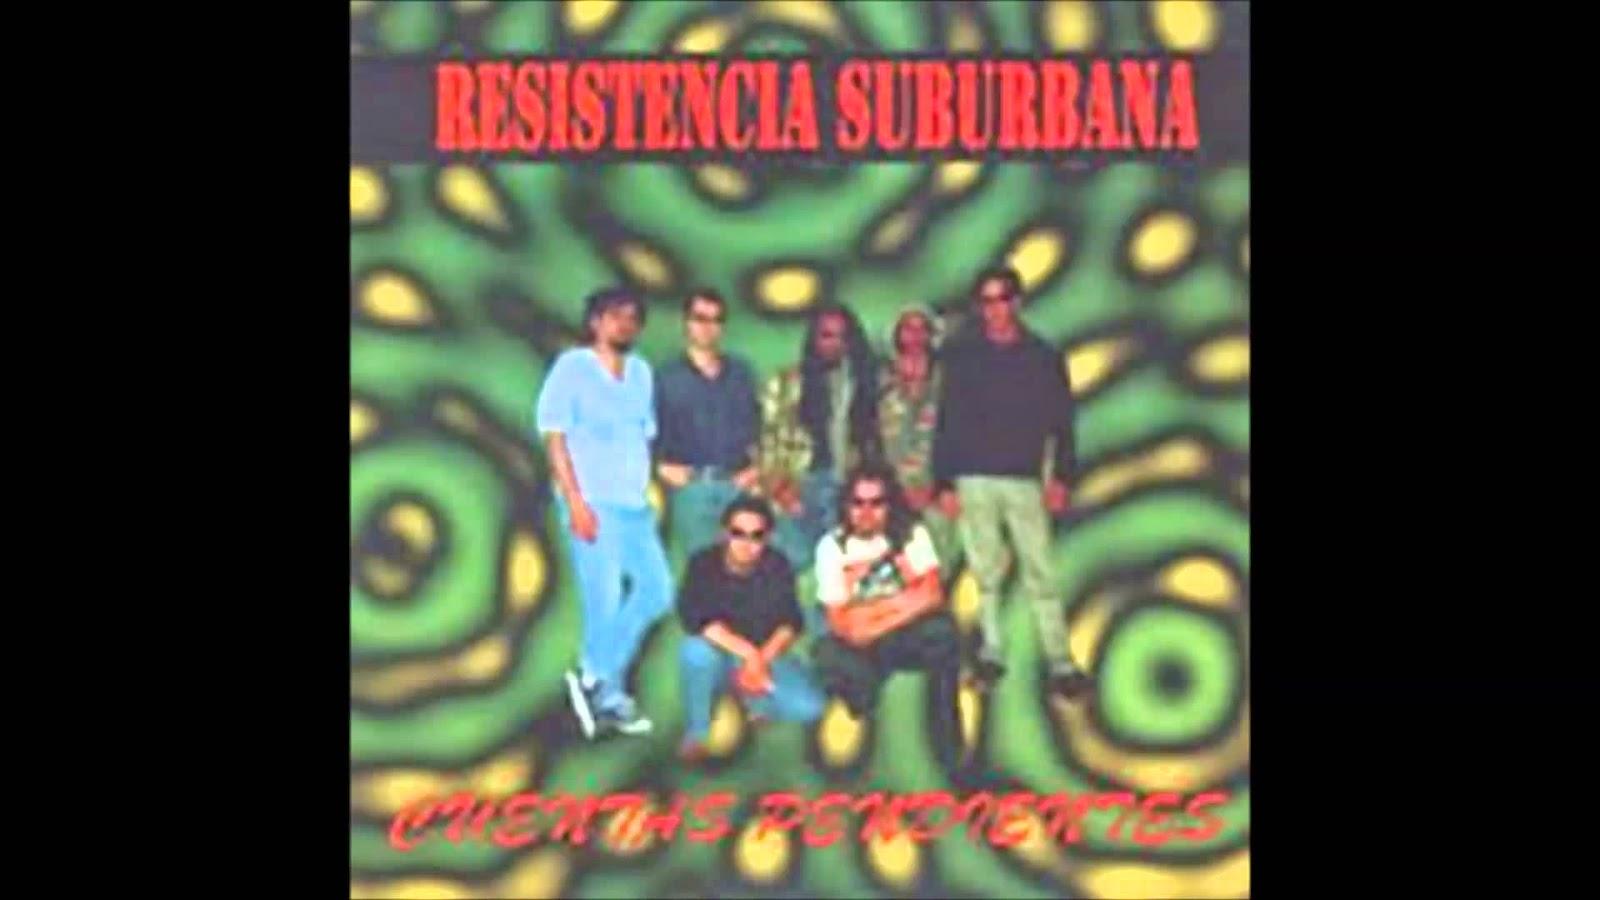 discografia completa de resistencia suburbana